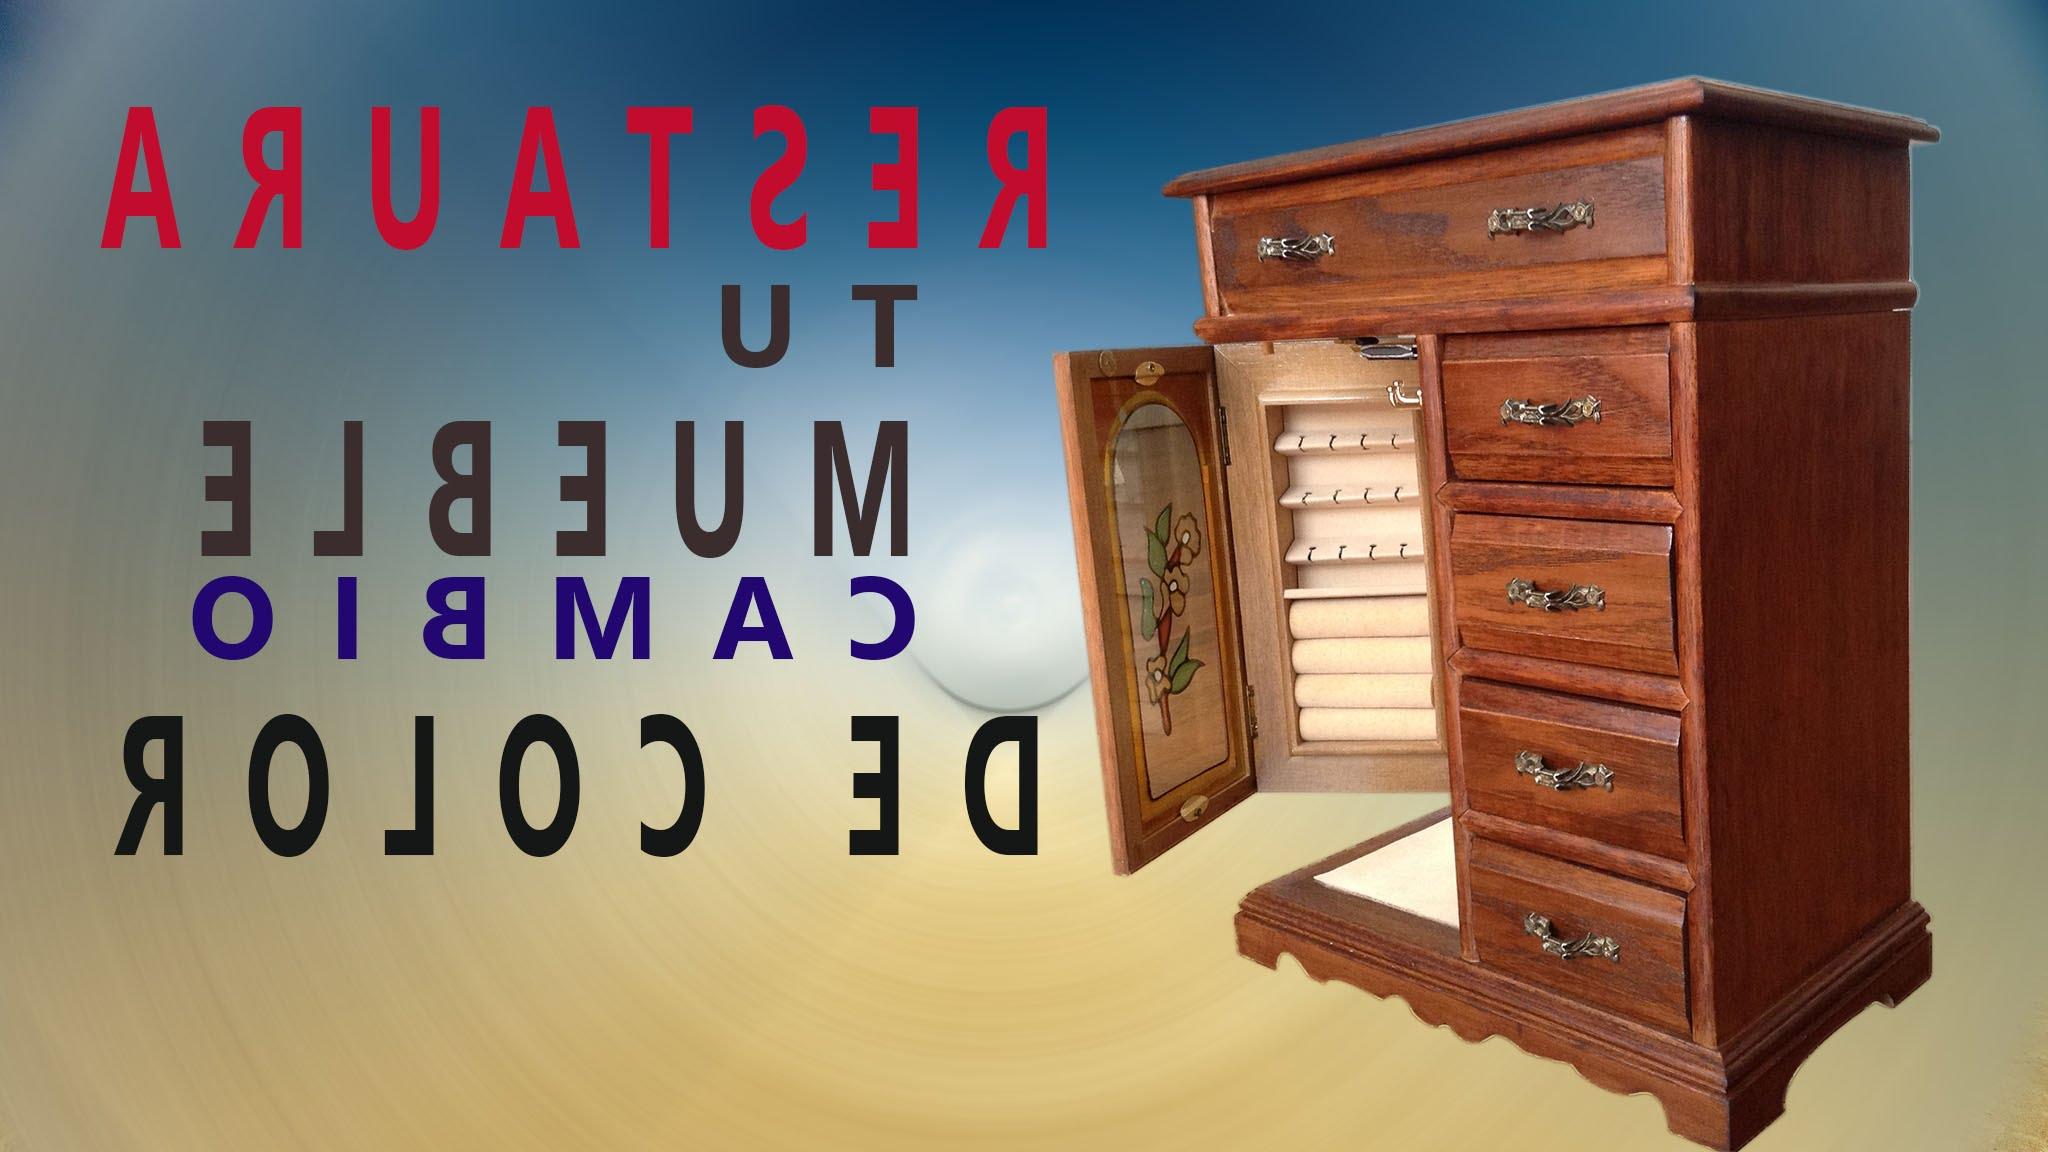 4 Opciones Para Restaurar Muebles De Madera T8dj Restaurar Muebles De Madera O Un Mueble Lijado Color Y Sellador